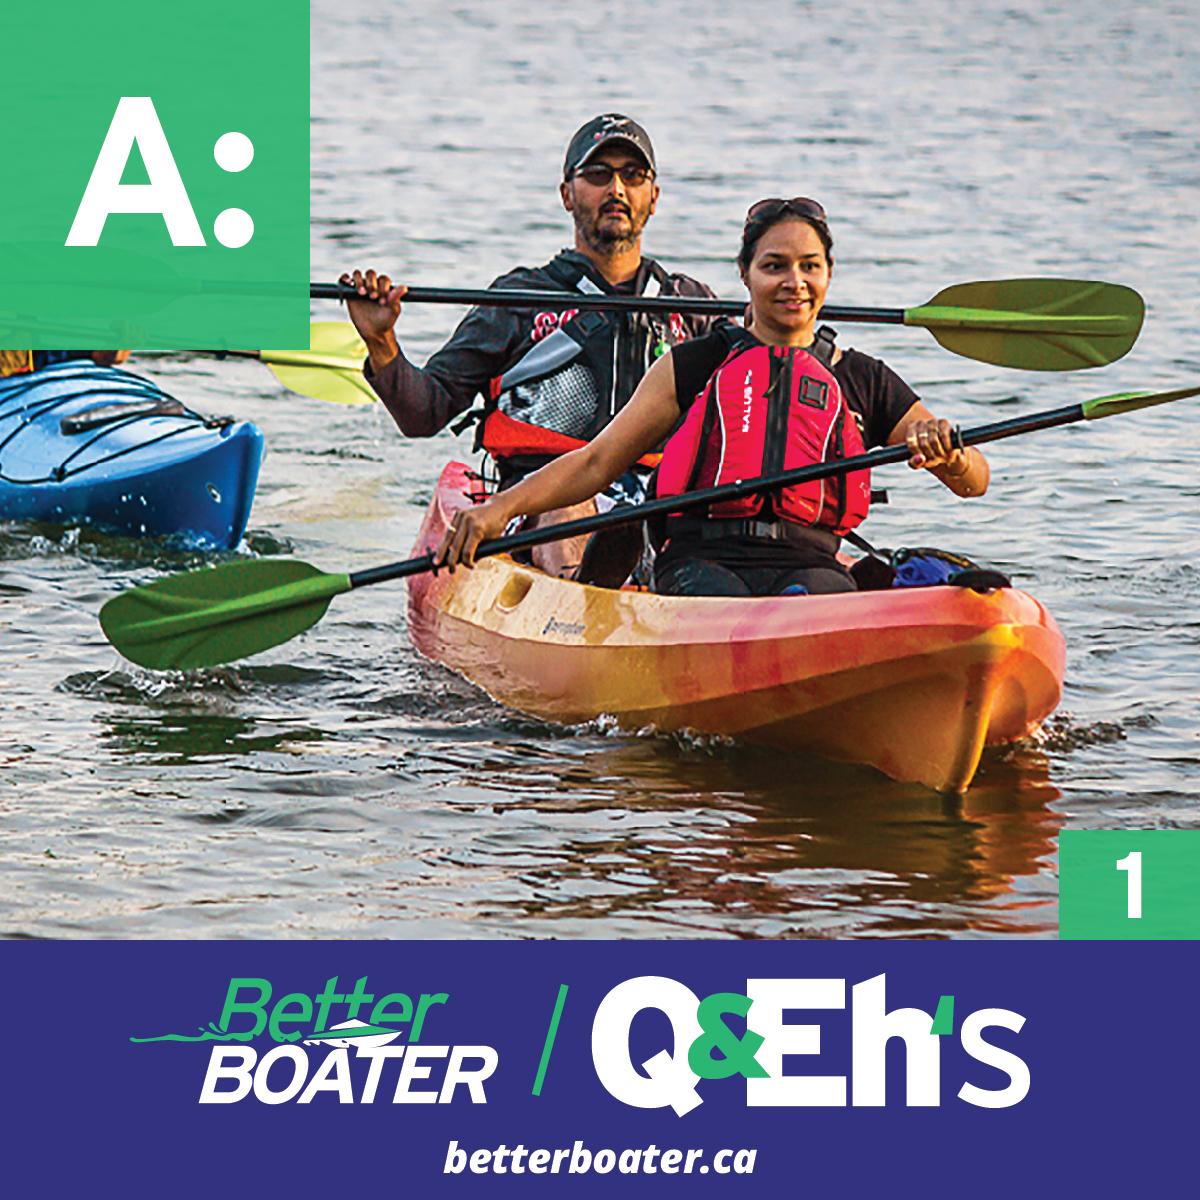 https://betterboater.ca/Q&Eh:%20Lifejacket%20Legal